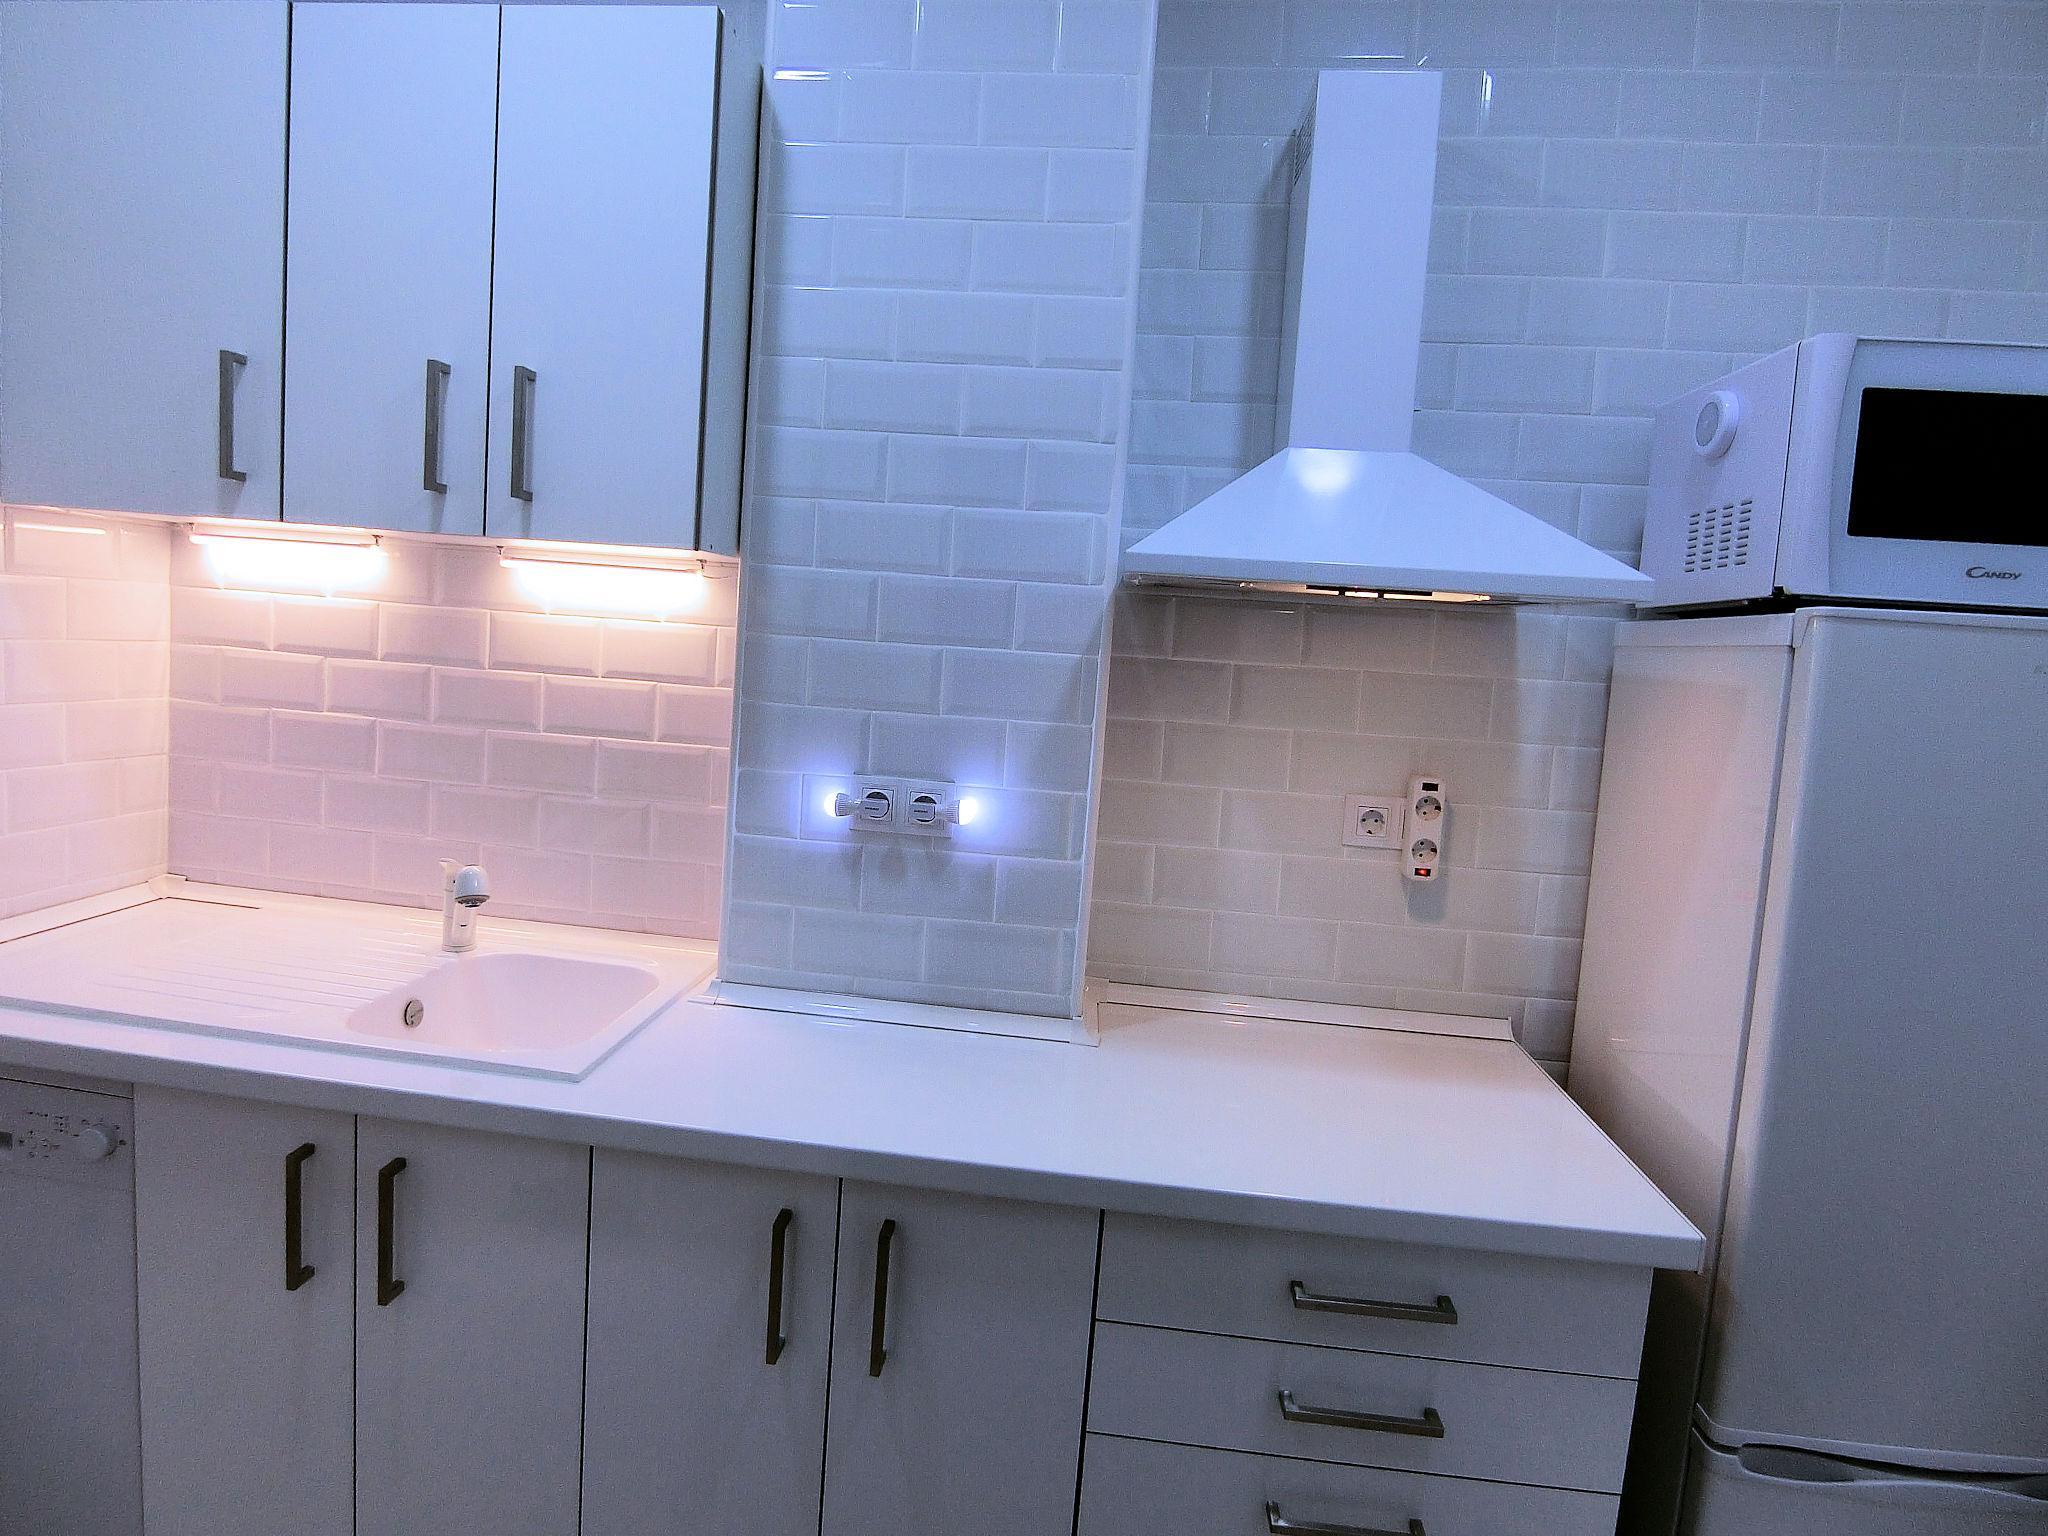 Decoración minimalista y funcional de una cocina pequeña